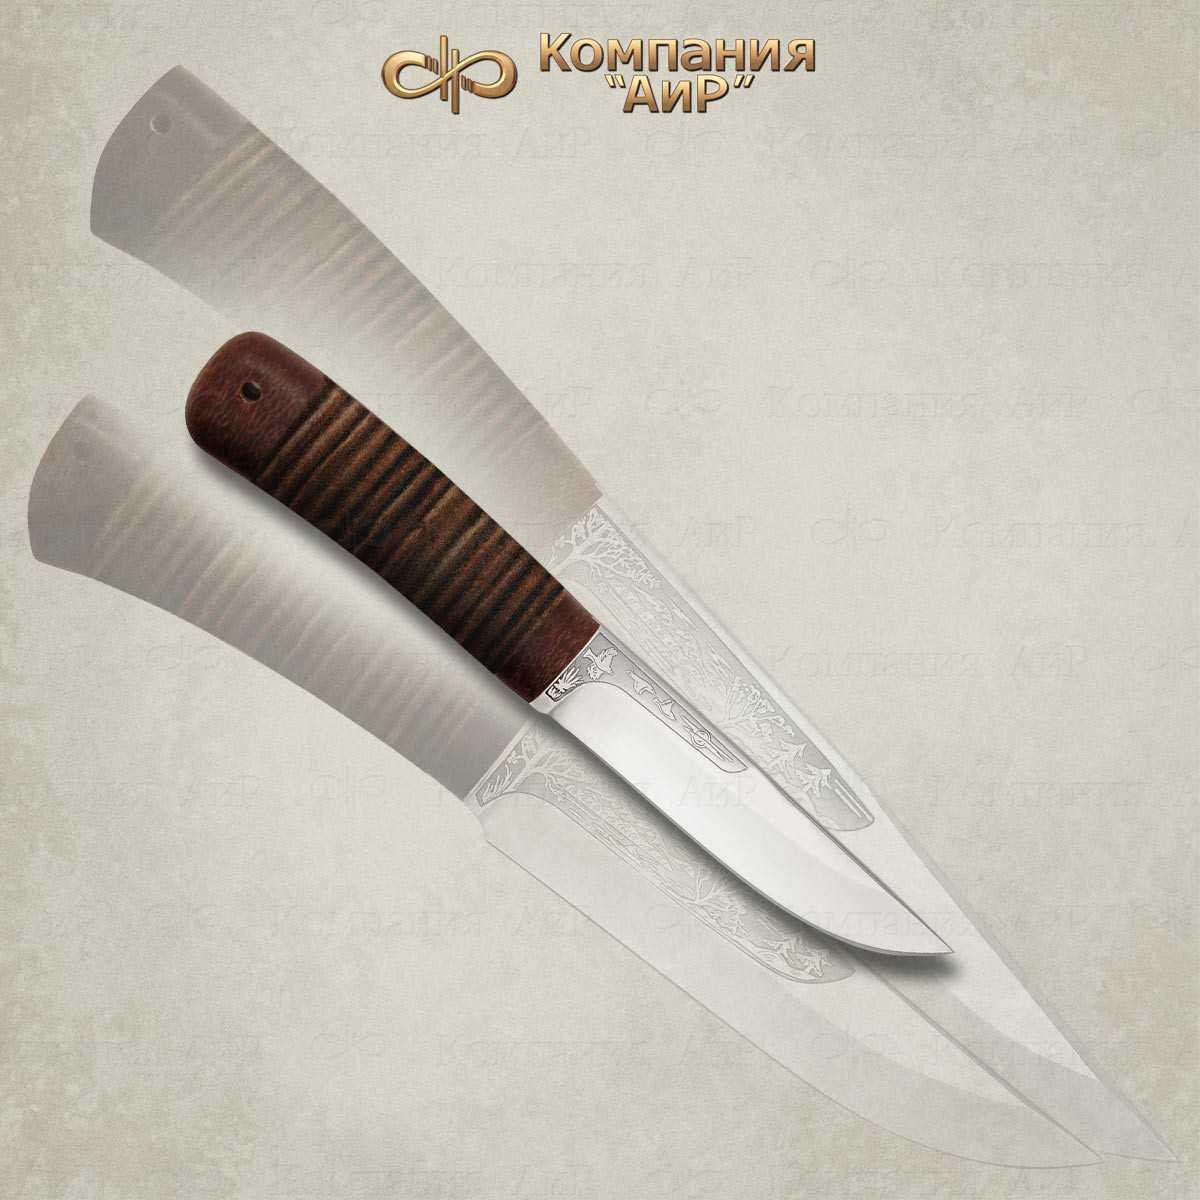 Нож Шашлычный малый, АиР, кожа, 100х13мНожи разведчика НР, Финки НКВД<br>«Шашлычный малый» – компактный разделочный нож для похода, пикника или кухни. Клинок с прямым обухом и спусками от середины ширины клина обладает хорошими режущими качествами, применим для колющих действий. Монтаж рукояти сквозной, неразборный. Имеется отверстие для темляка. Хороший помощник при выполнении повседневных бытовых задач: чистка и нарезка овощей, фруктов, мясопродуктов и др.<br>В комплекте:<br><br>кожаные ножны<br>сертификат соответствия о том, что нож не является холодным оружием<br>паспорт изделия<br>мягкий текстильный кейс с логотипом компании<br>